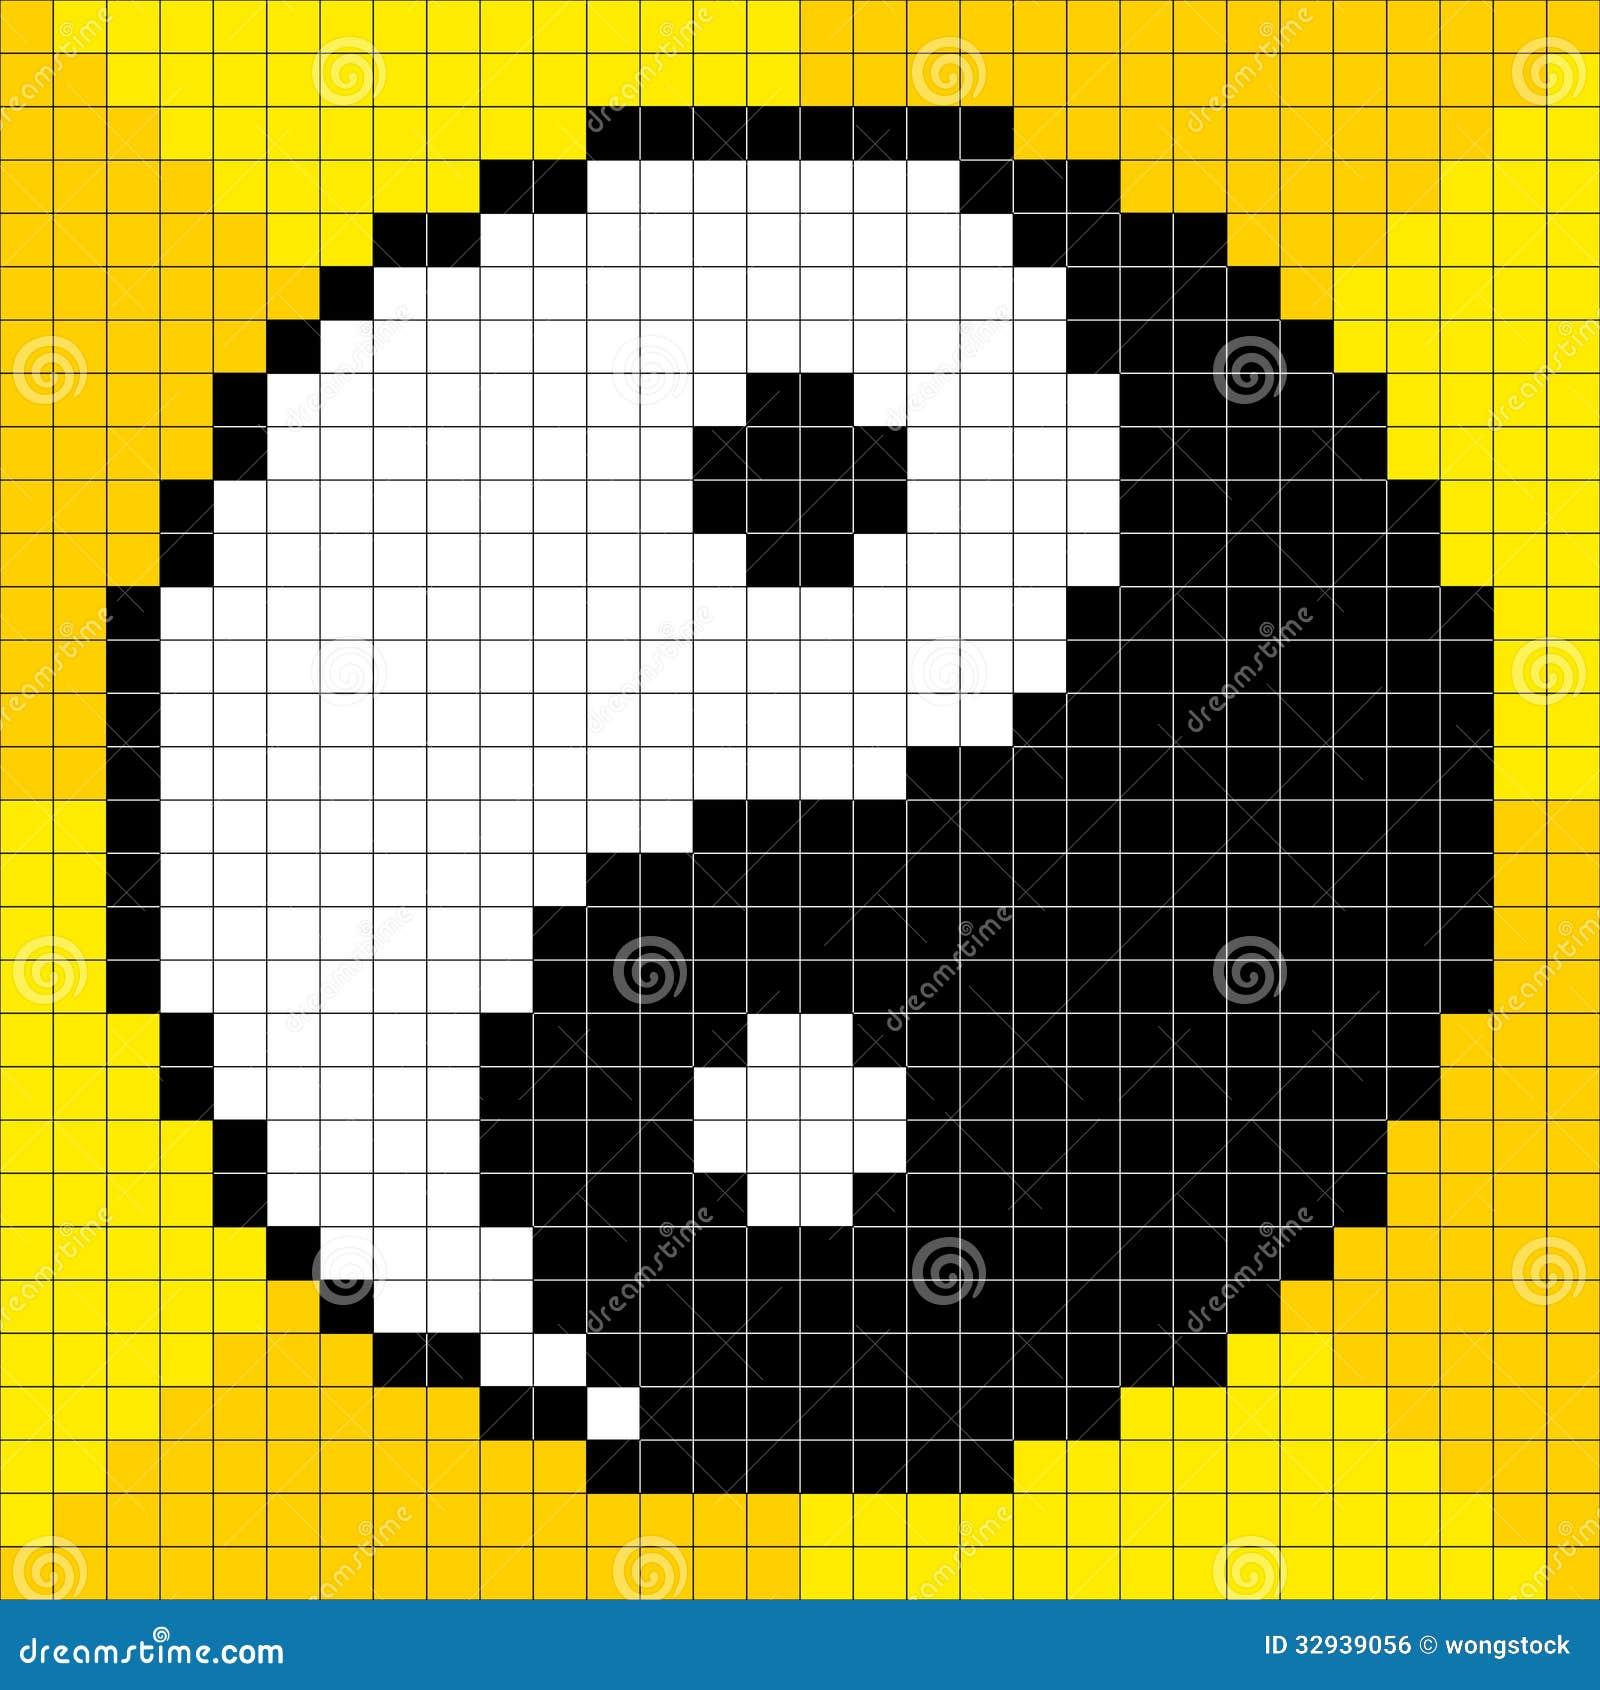 8 bit pixel art gallery